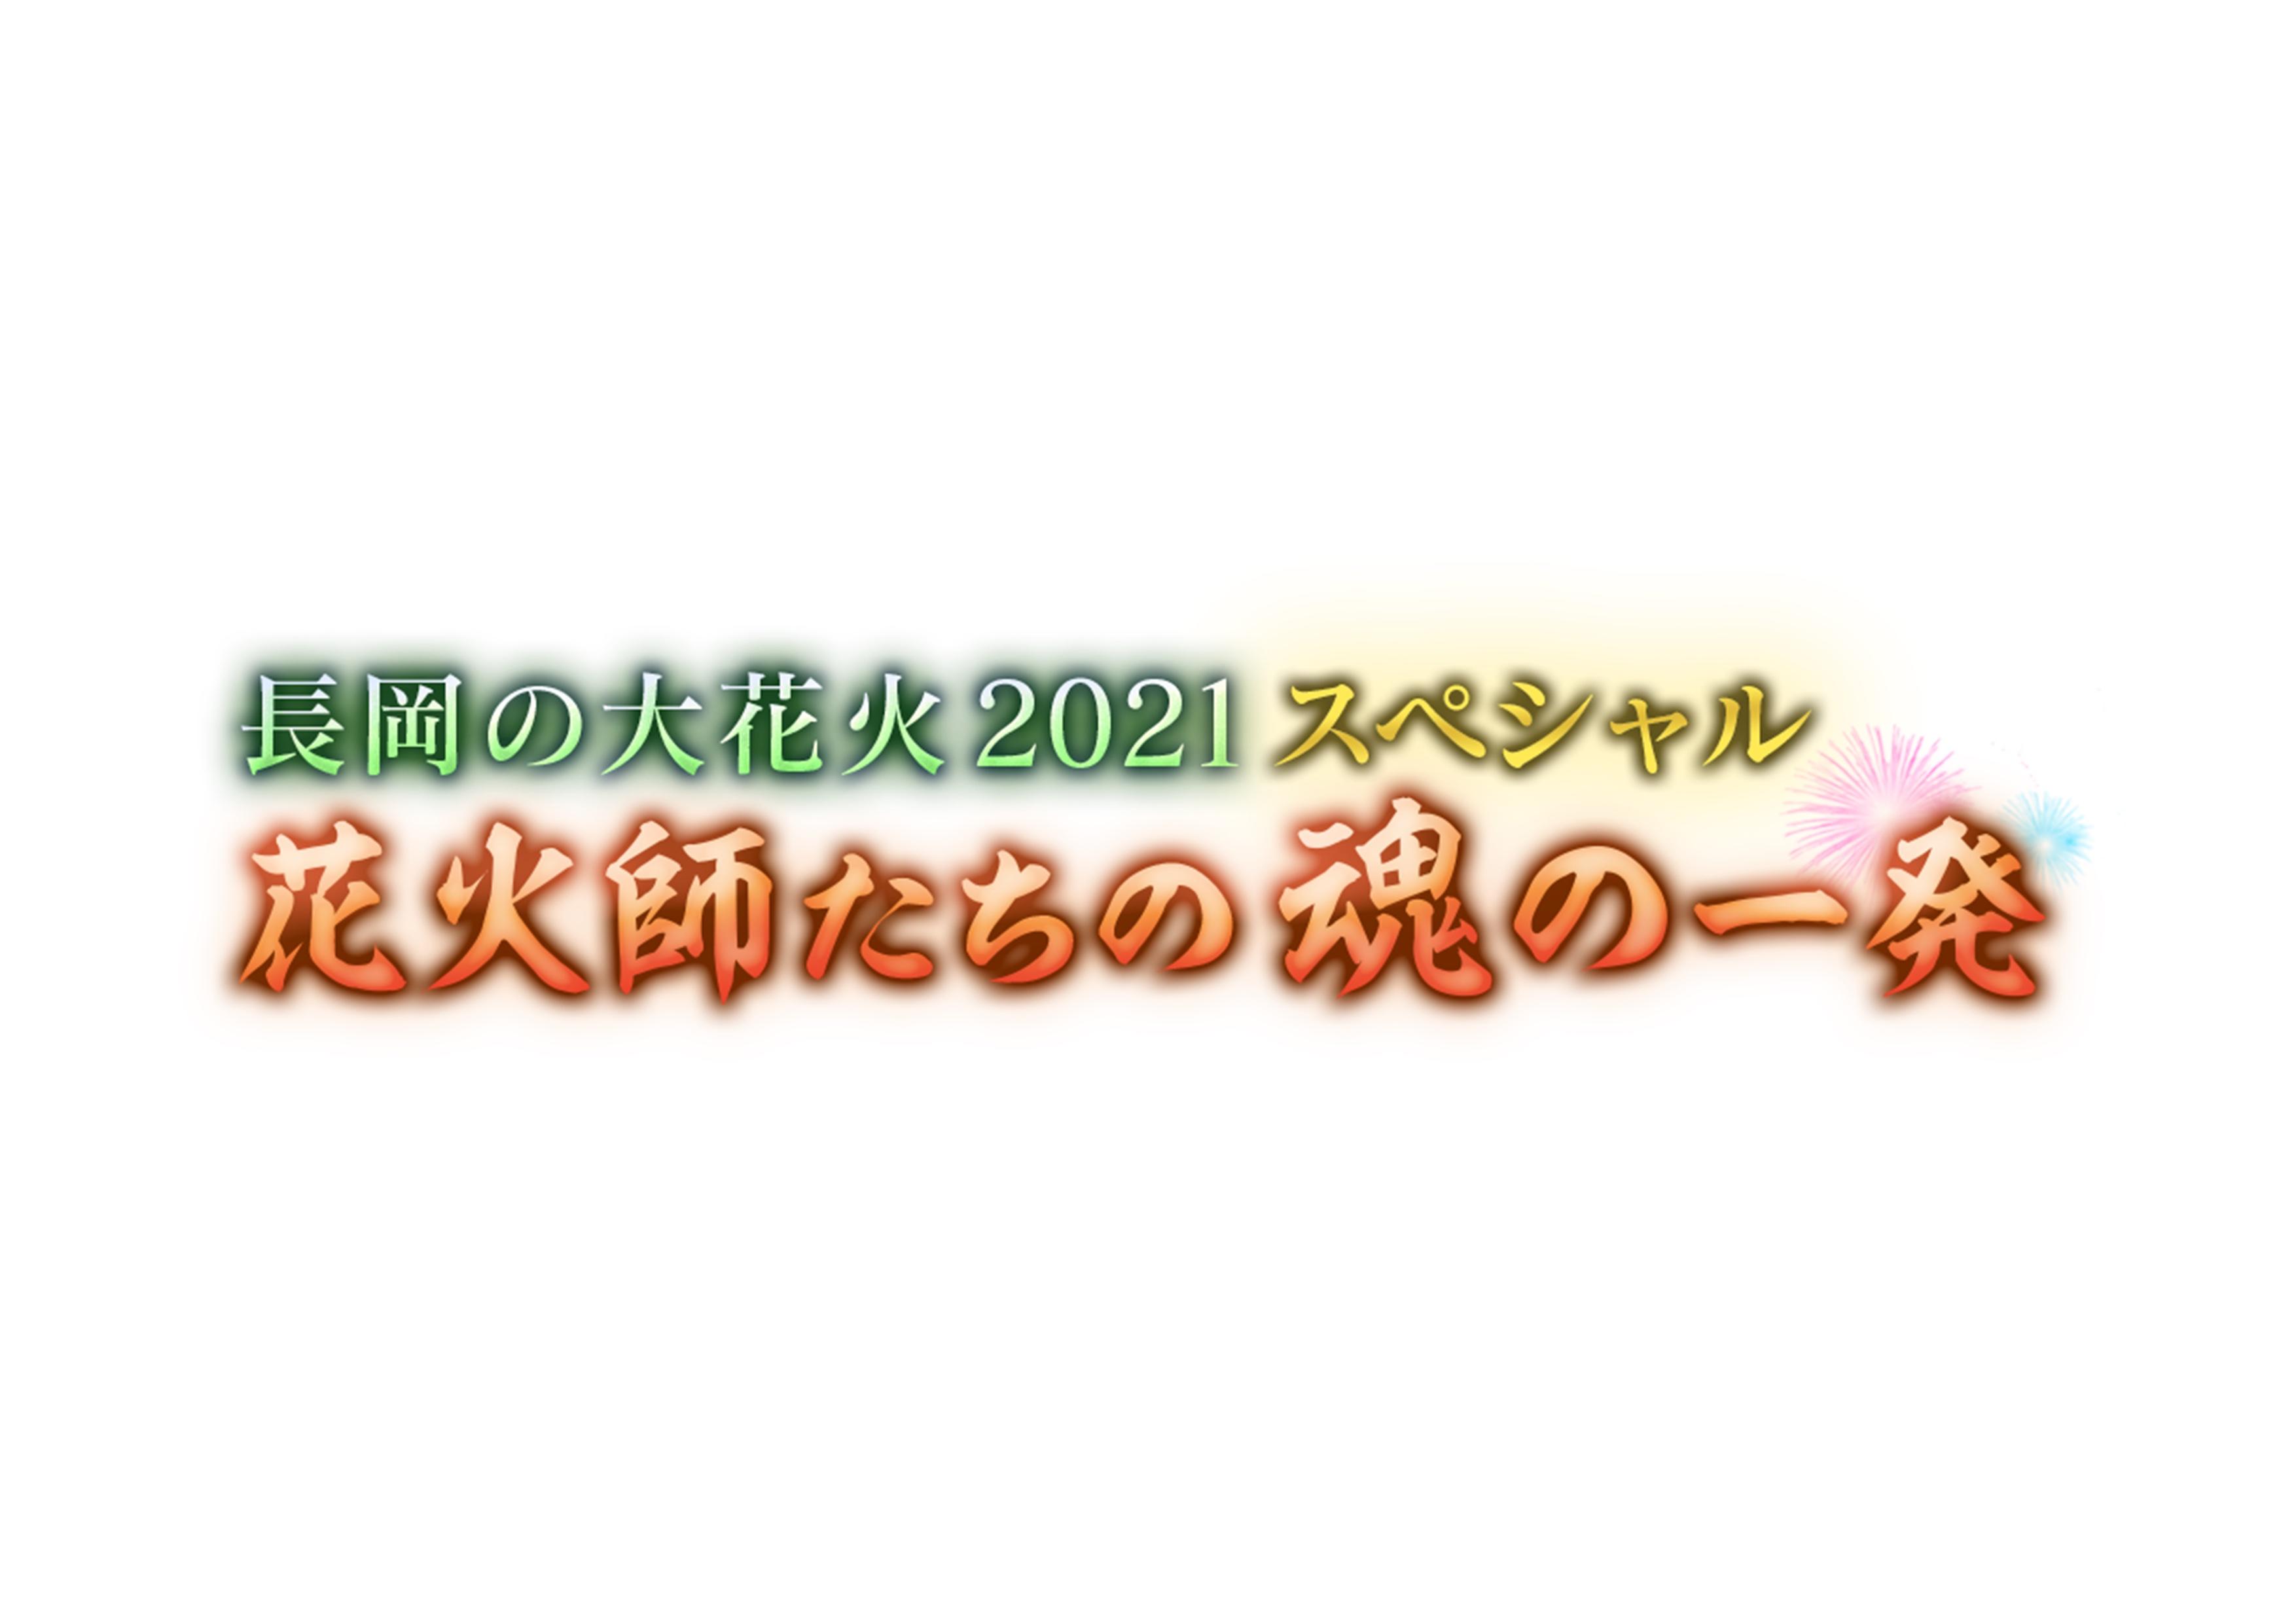 長岡の大花火2021スペシャル「花火師たちの 魂の一発」